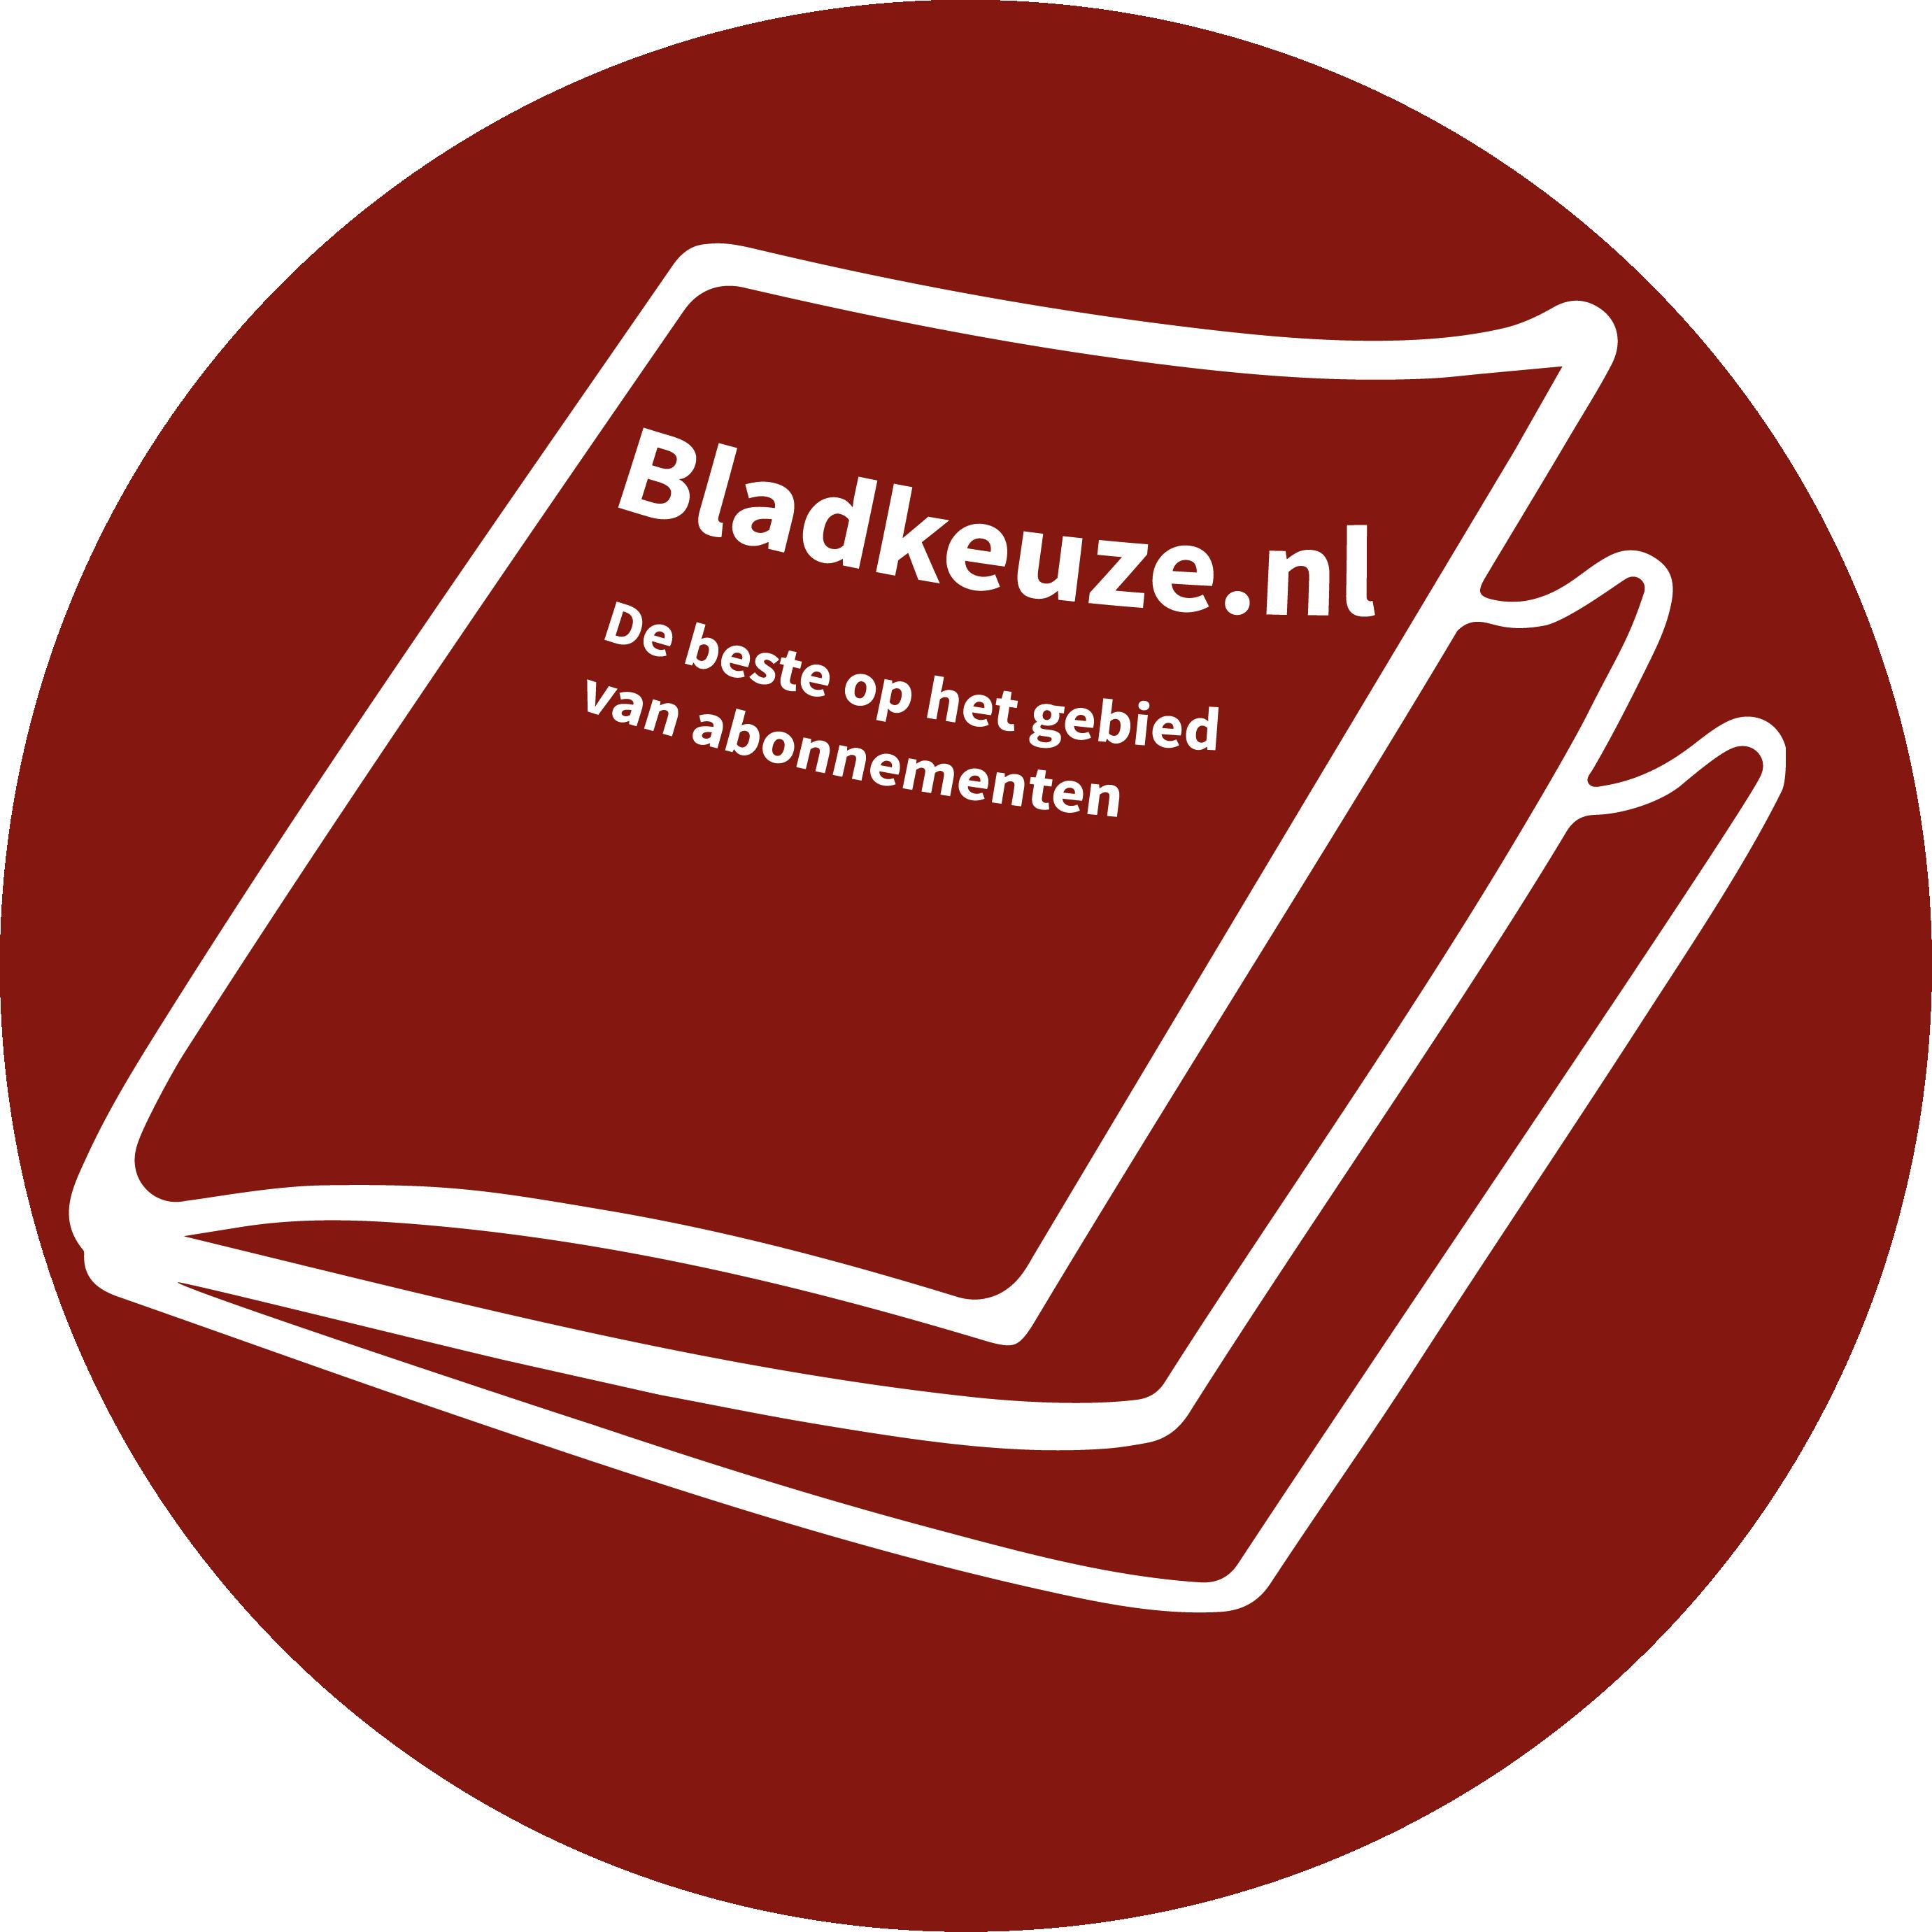 Bladkeuze.nl – Tijdschrift abonnement